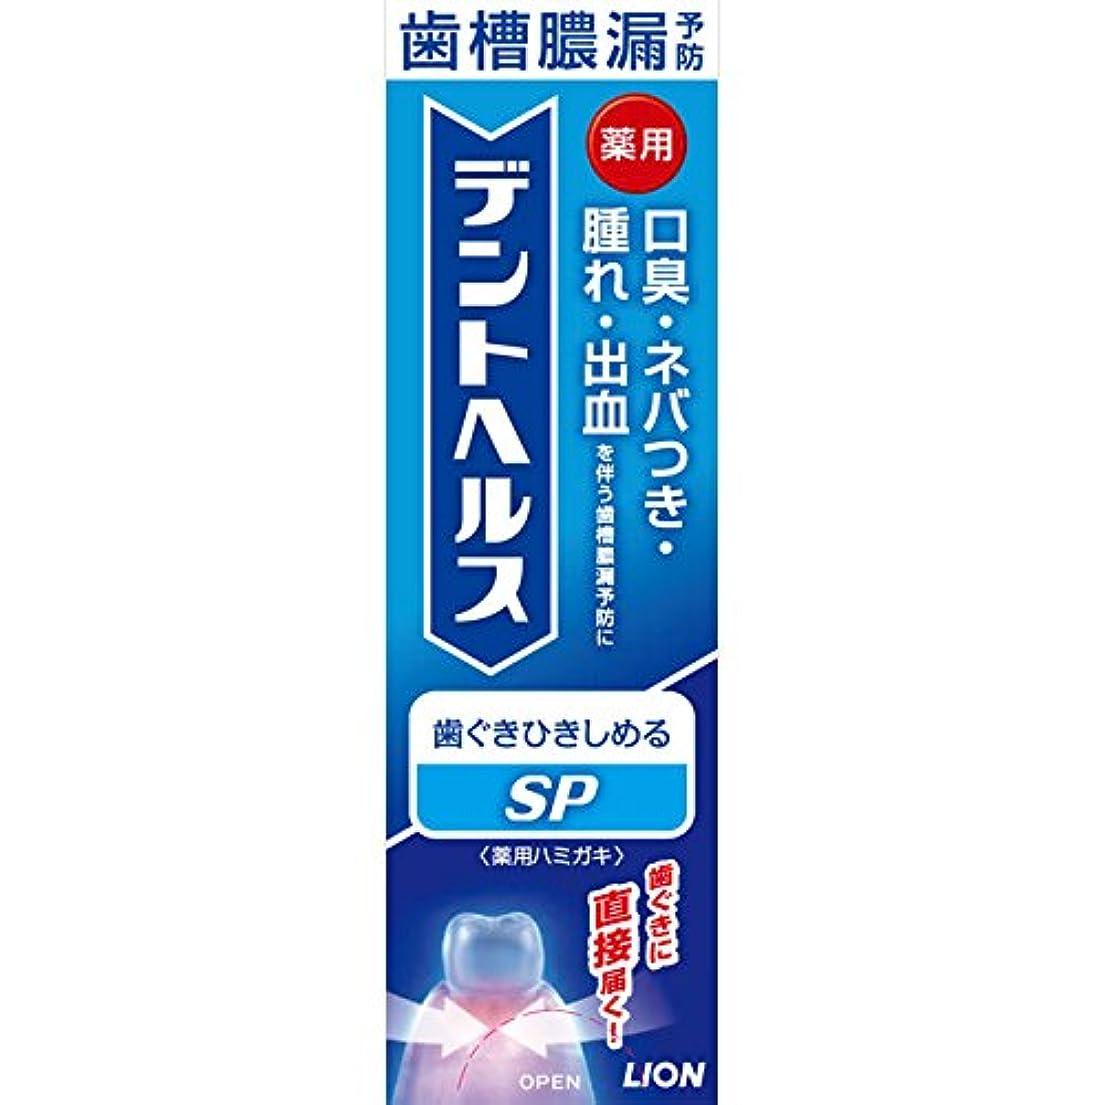 シットコム面白い公然とデントヘルス薬用ハミガキSPメディカルハーブミント90g×10個